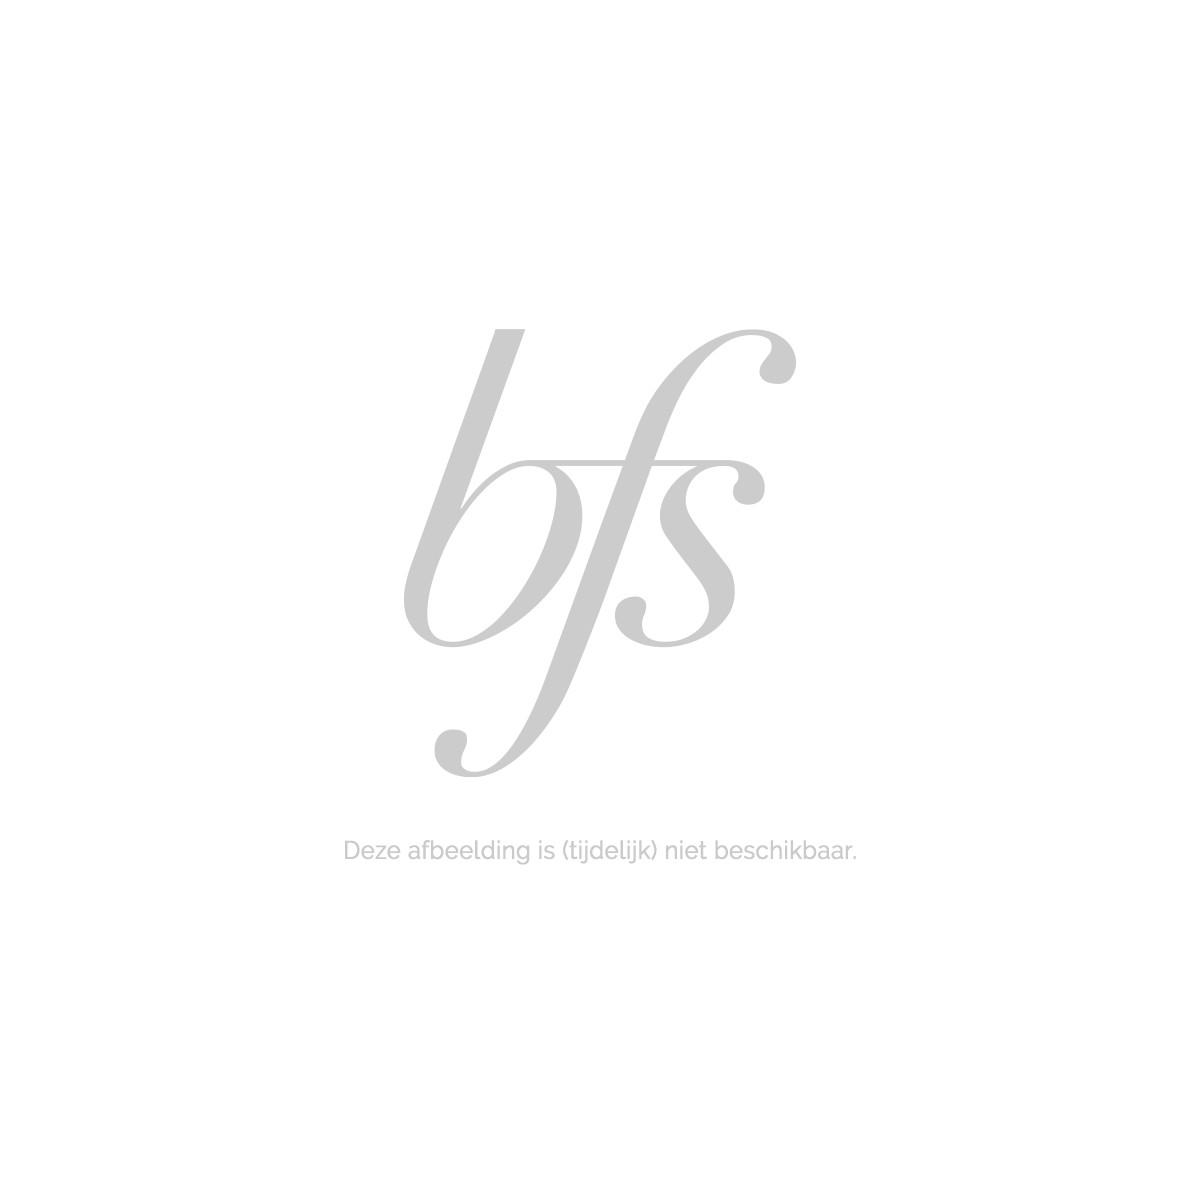 Elie Saab Le Parfum Rose Couture Eau de Toilette 30 ml